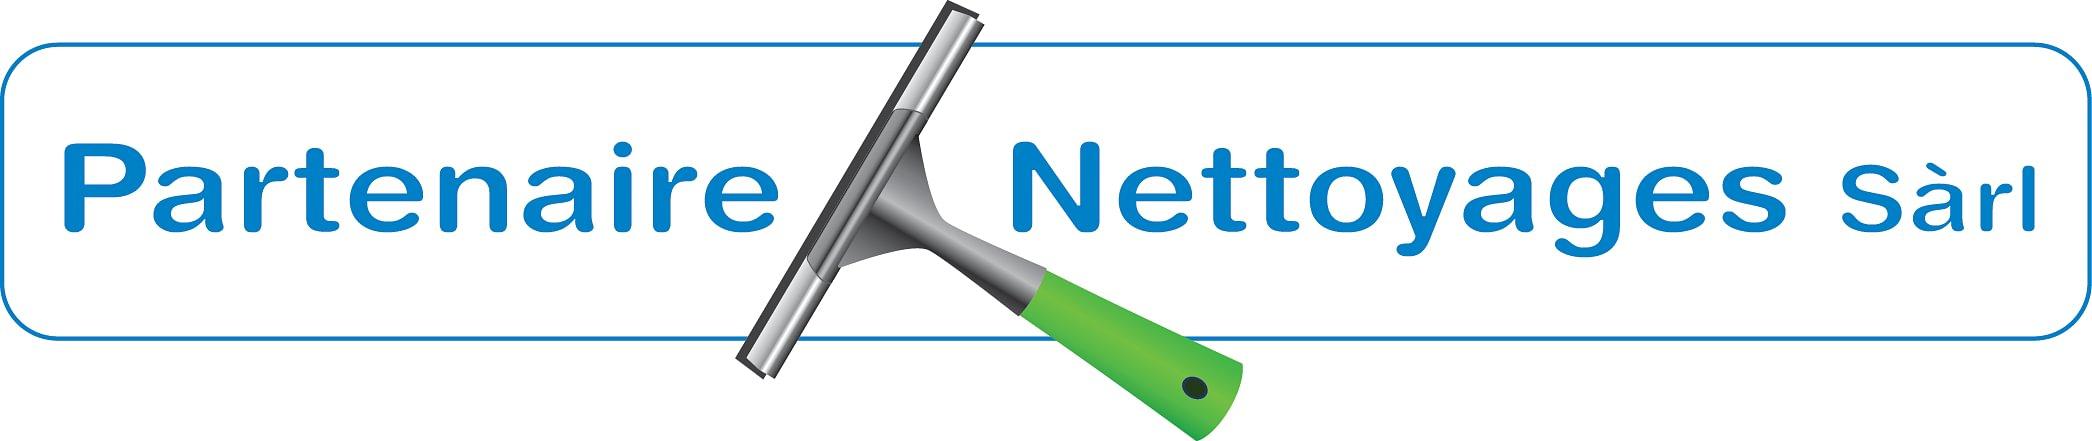 Partenaire Nettoyages Sàrl